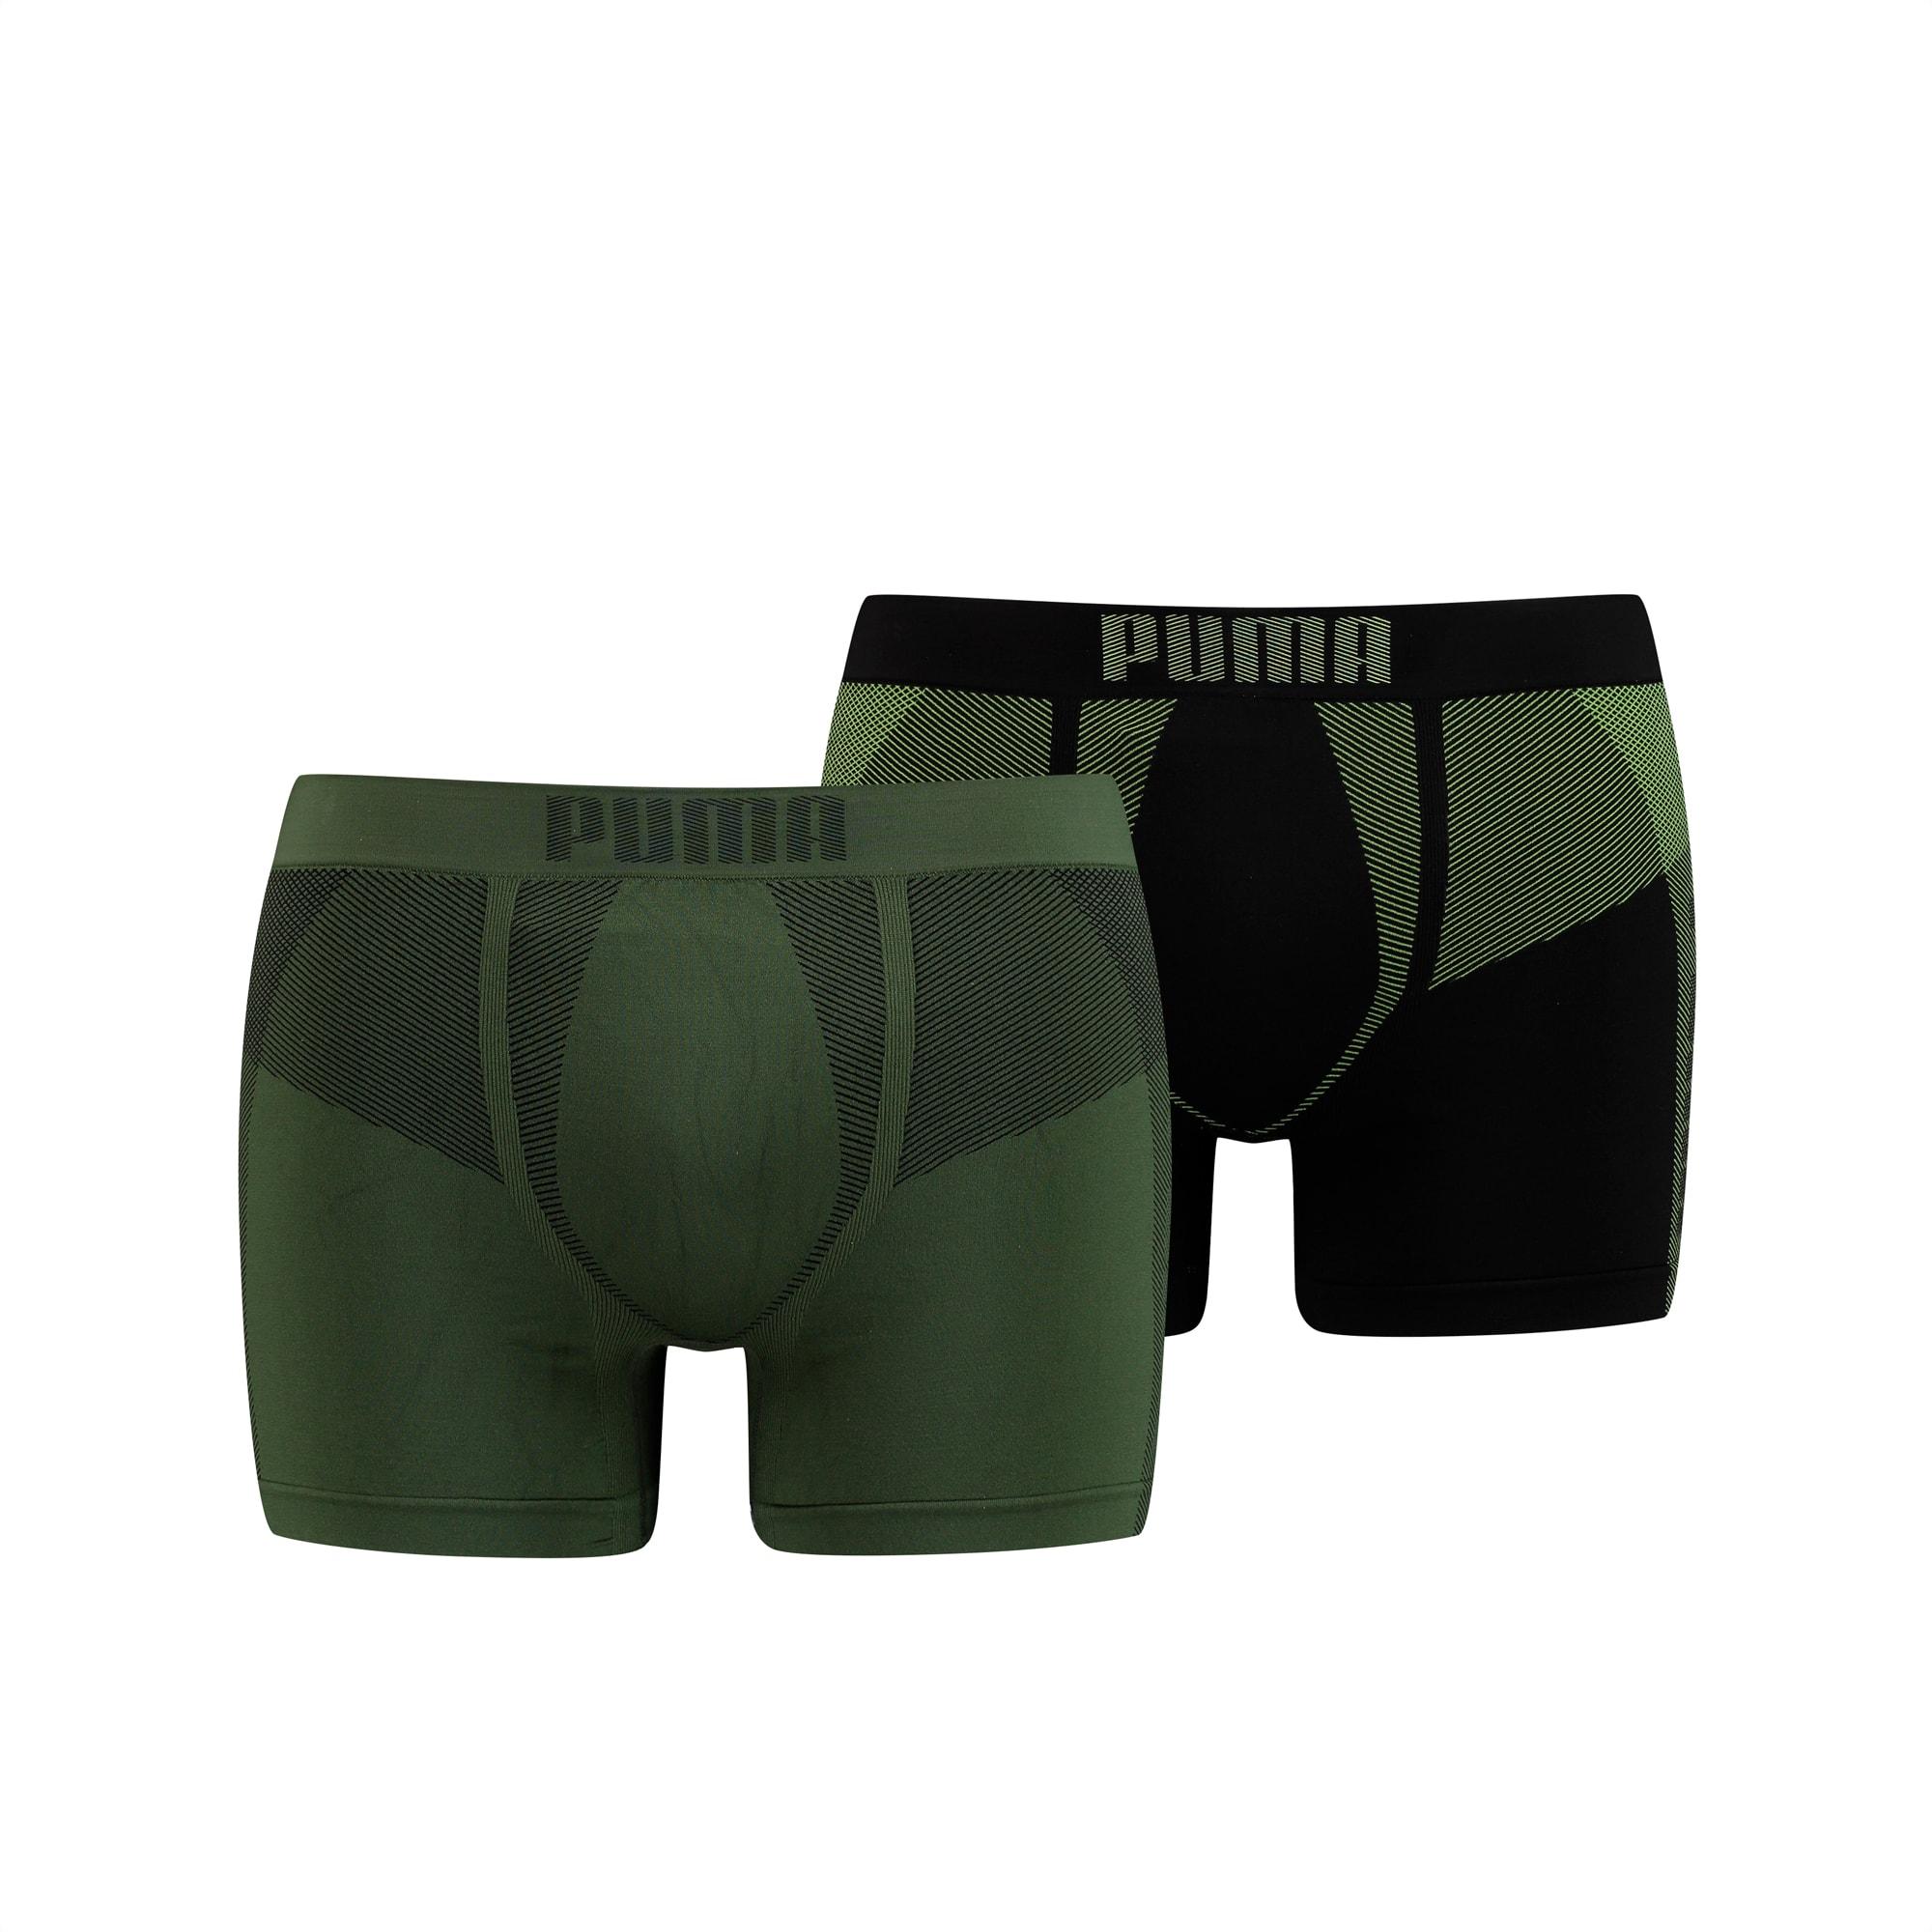 PUMA Active Herren Nahtlose Boxershorts 2er Pack | Mit Aucun | Grün | Größe: S 907837_02_S